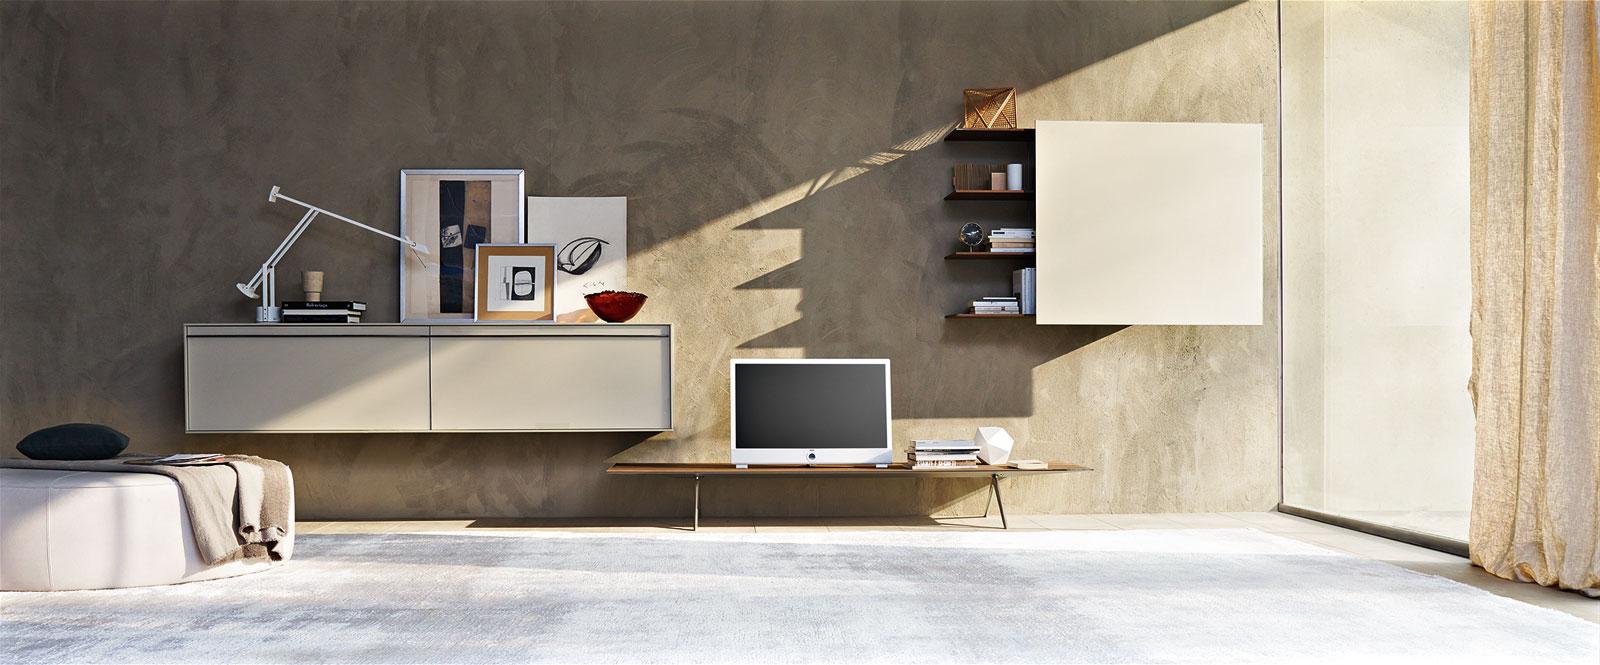 Couchtisch wohnzimmer design asteiche massiv - Gebrauchte wohnzimmer ...